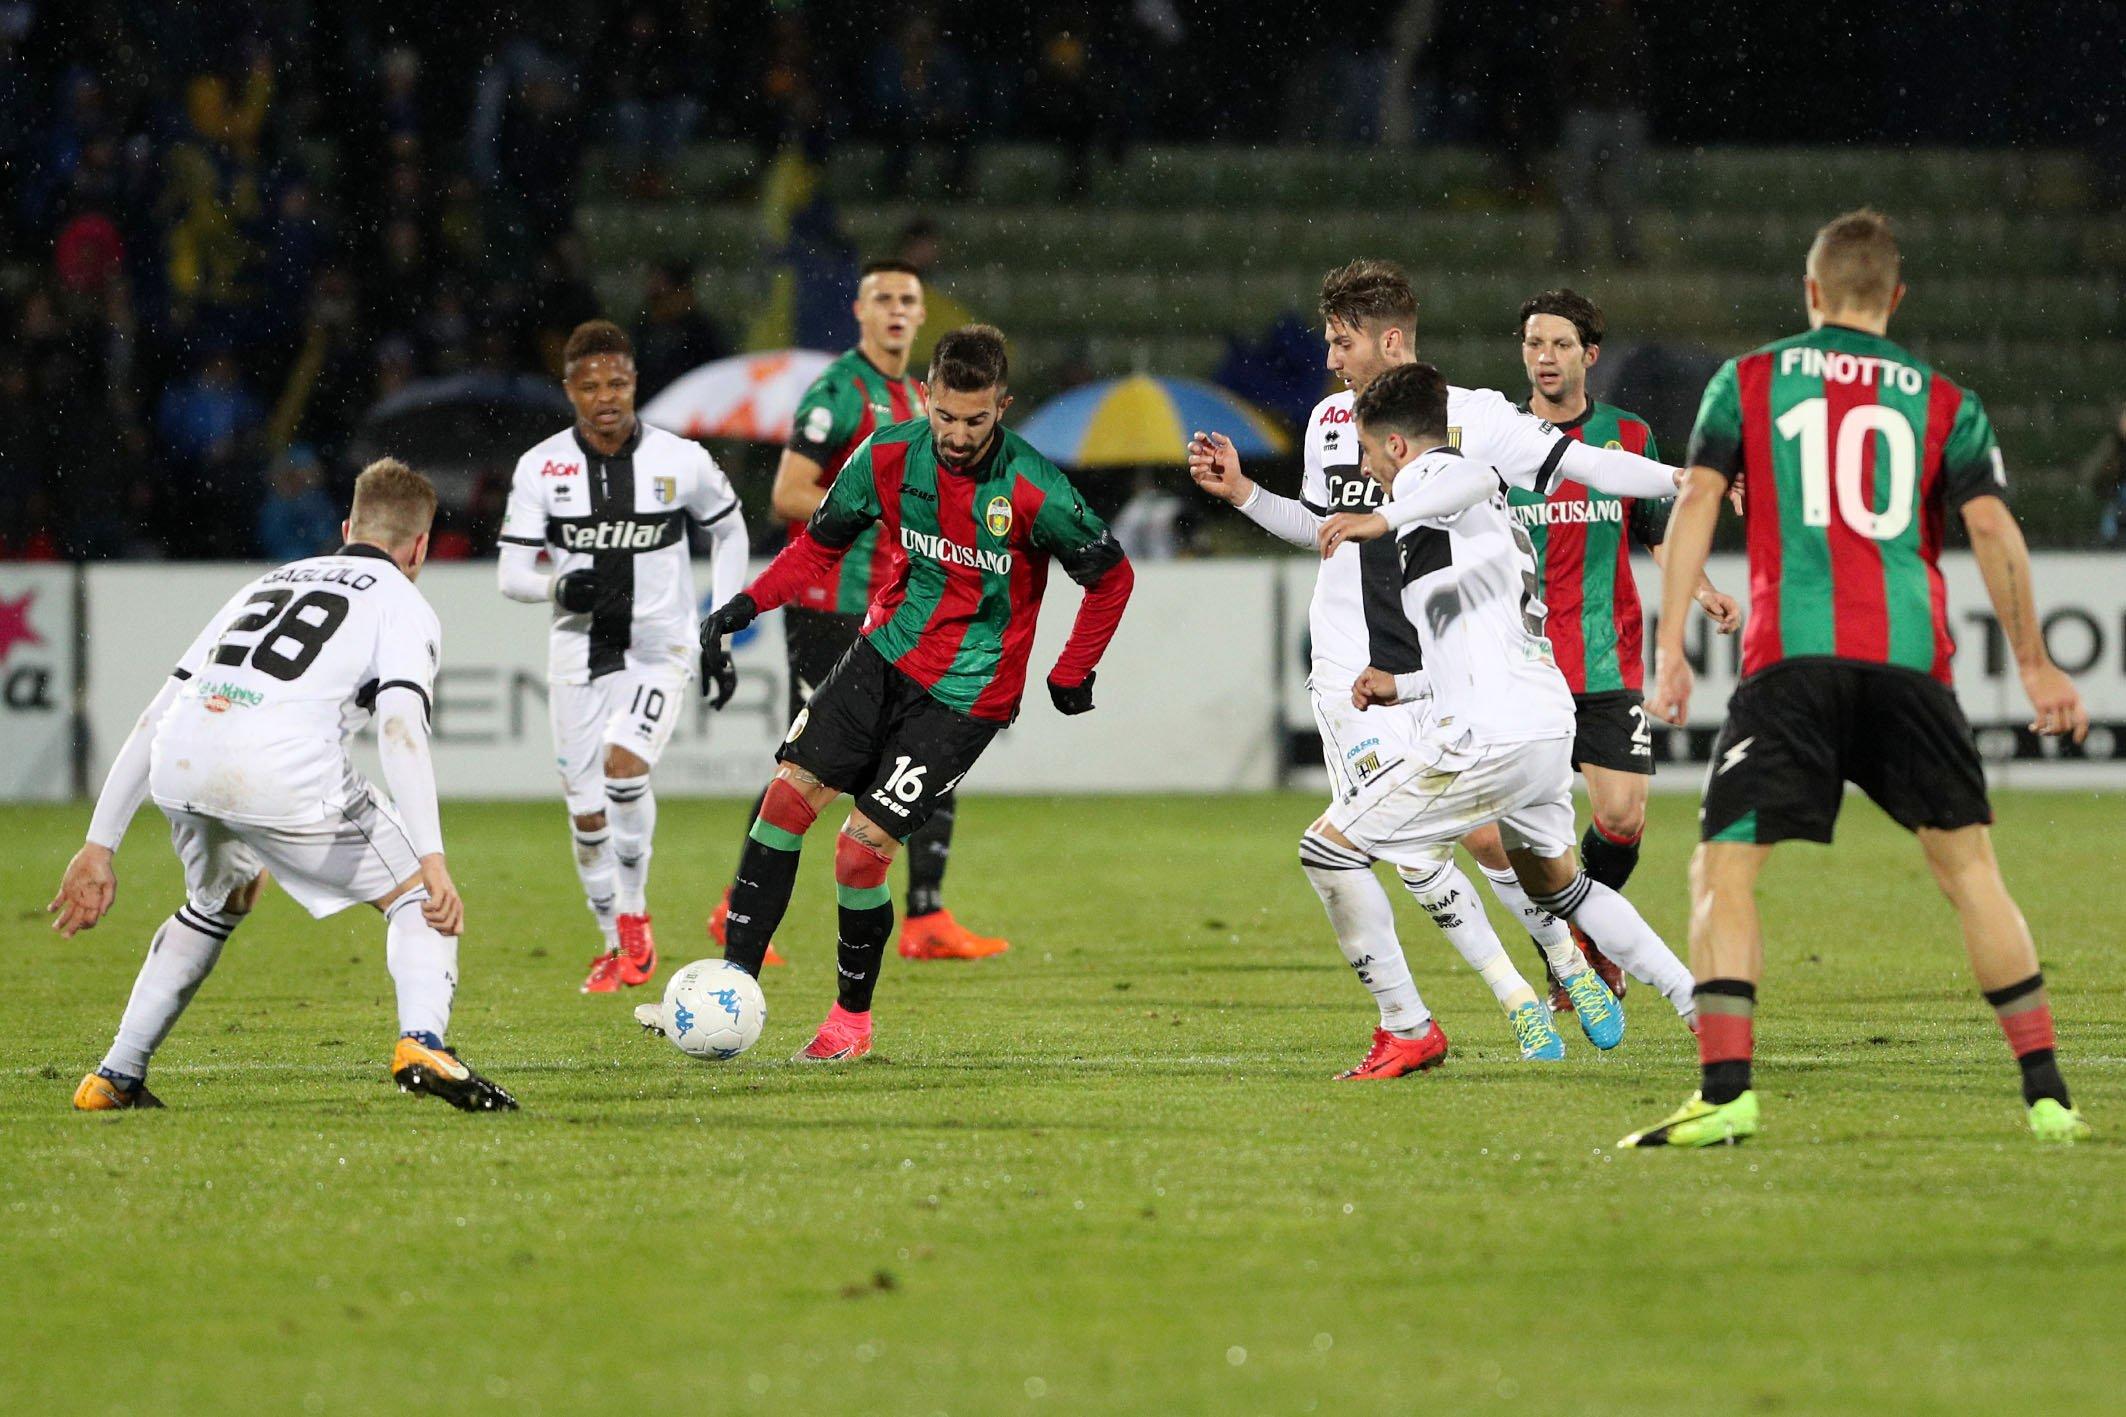 Parma-Ternana 2-0, rossoverdi vicini al baratro della Serie C